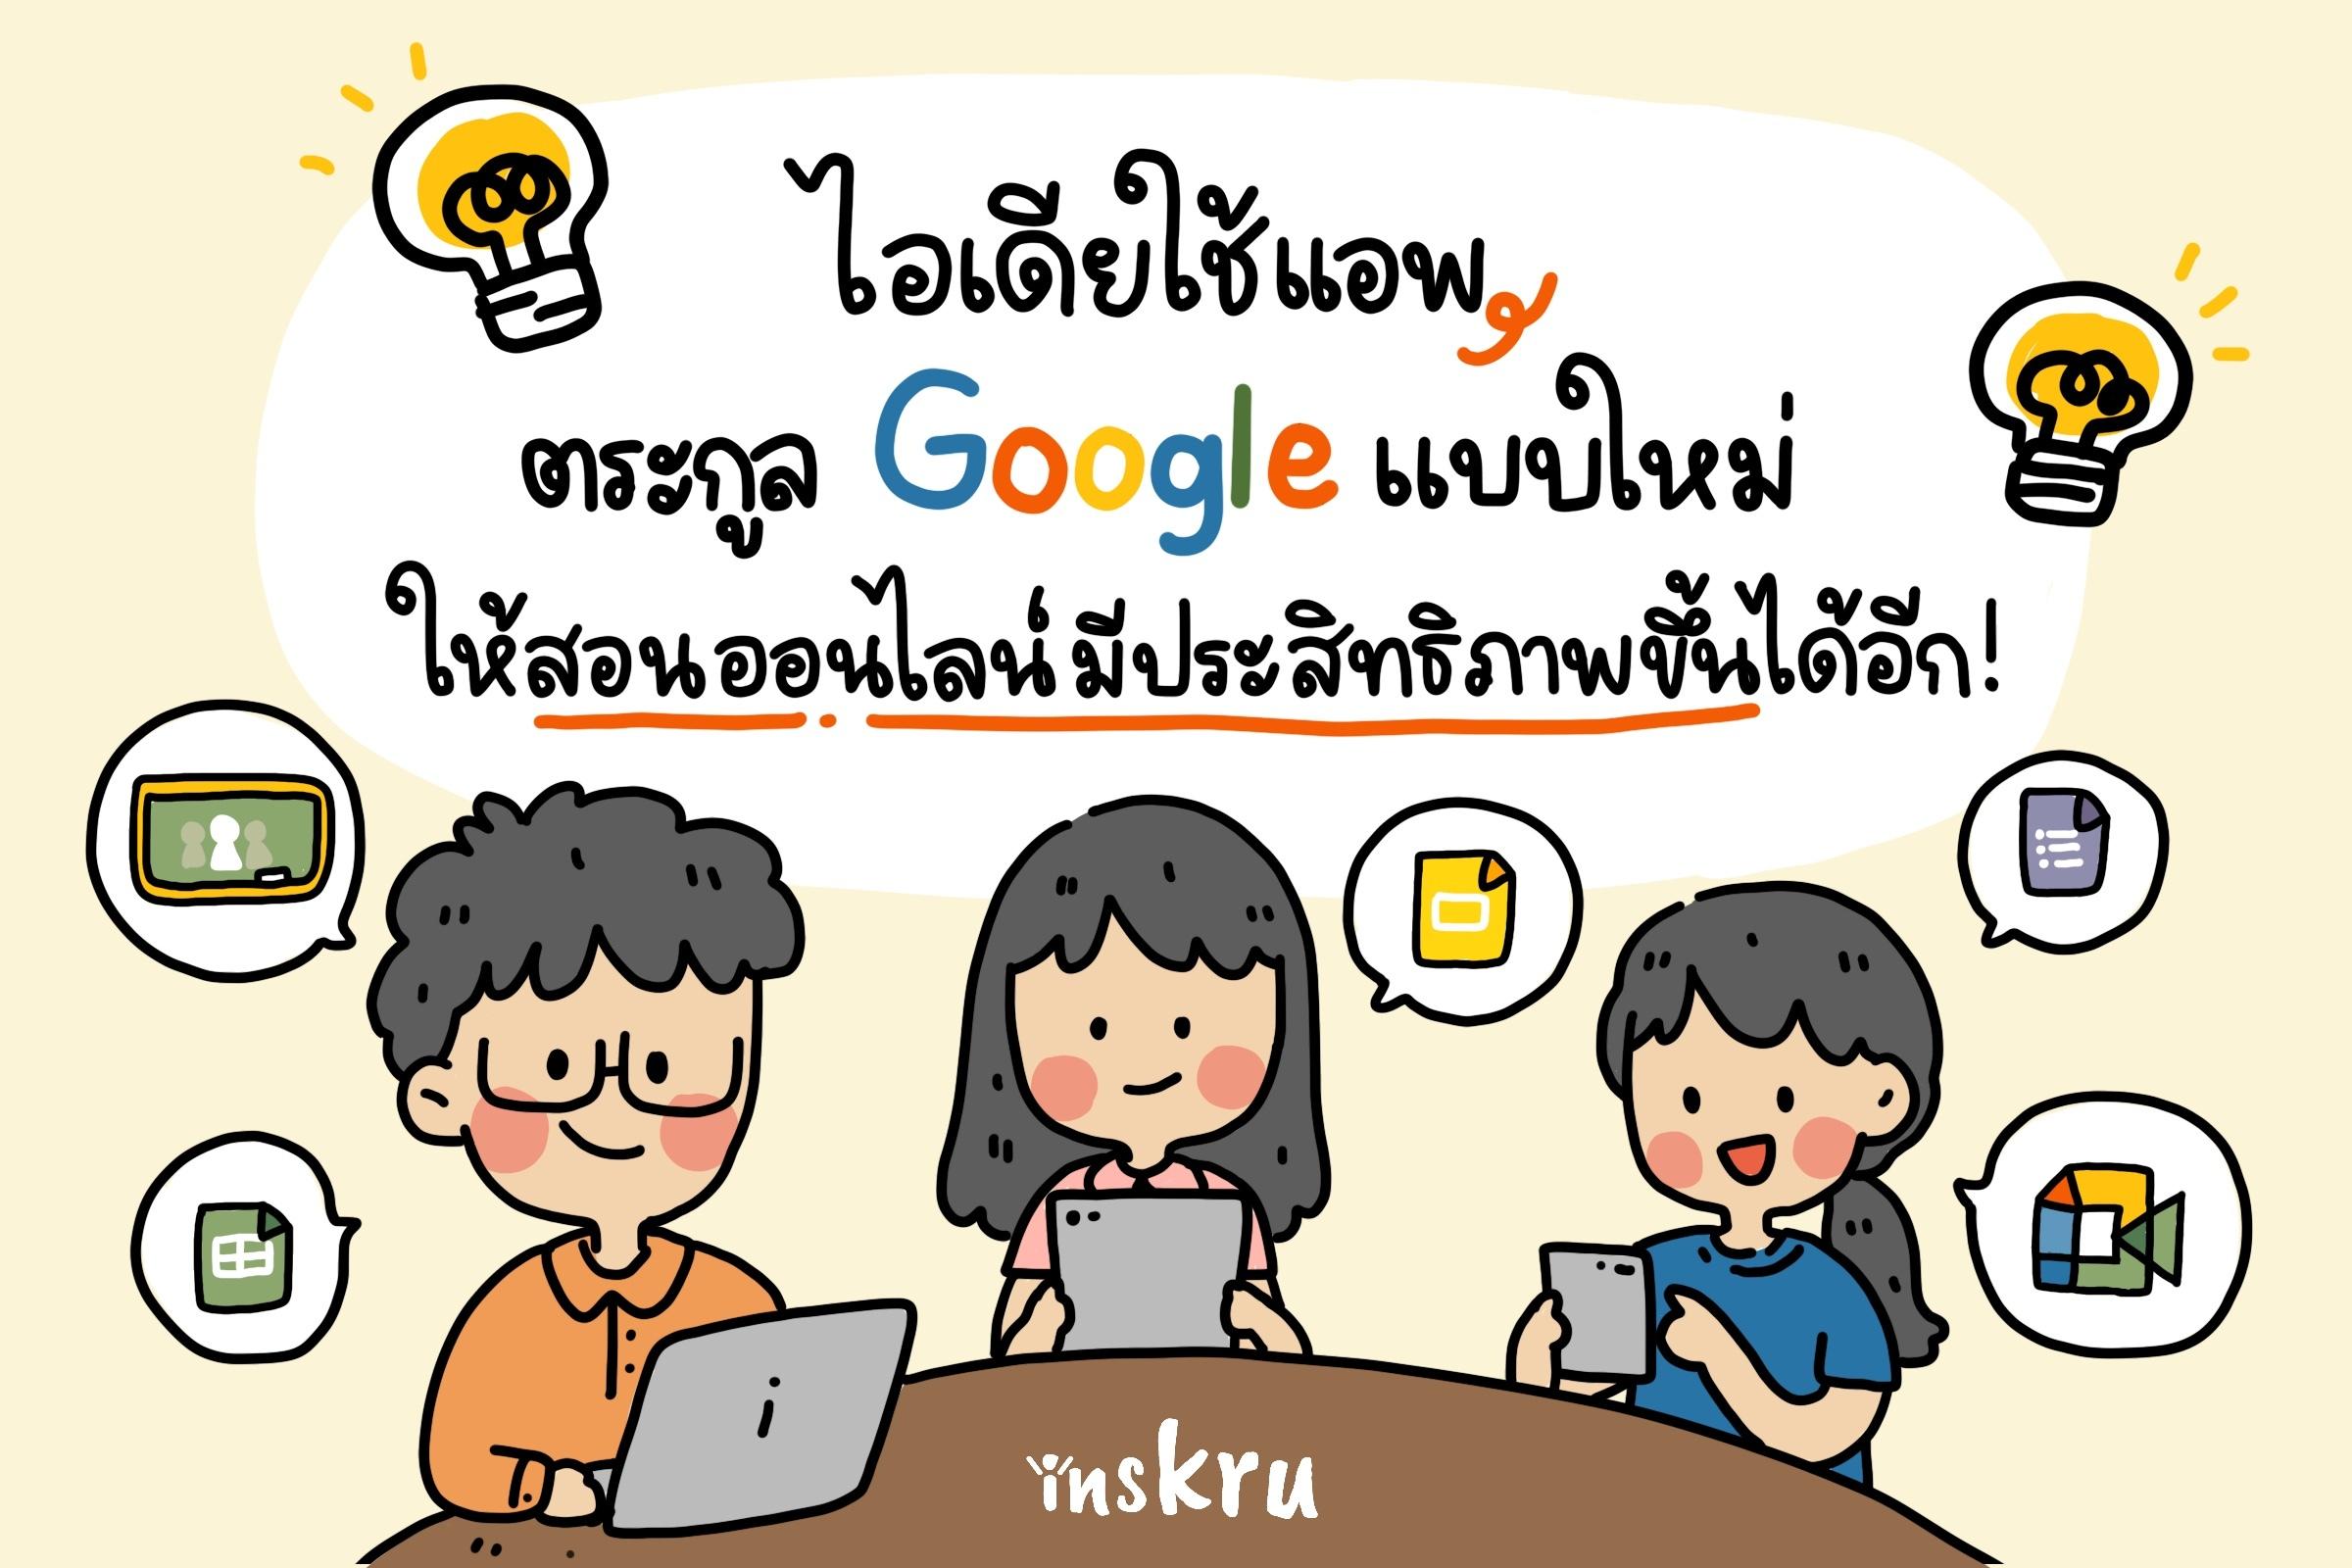 ภาพประกอบไอเดีย แอพตระกูล Google สอนออนไลน์ยังไงได้อีกบ้าง